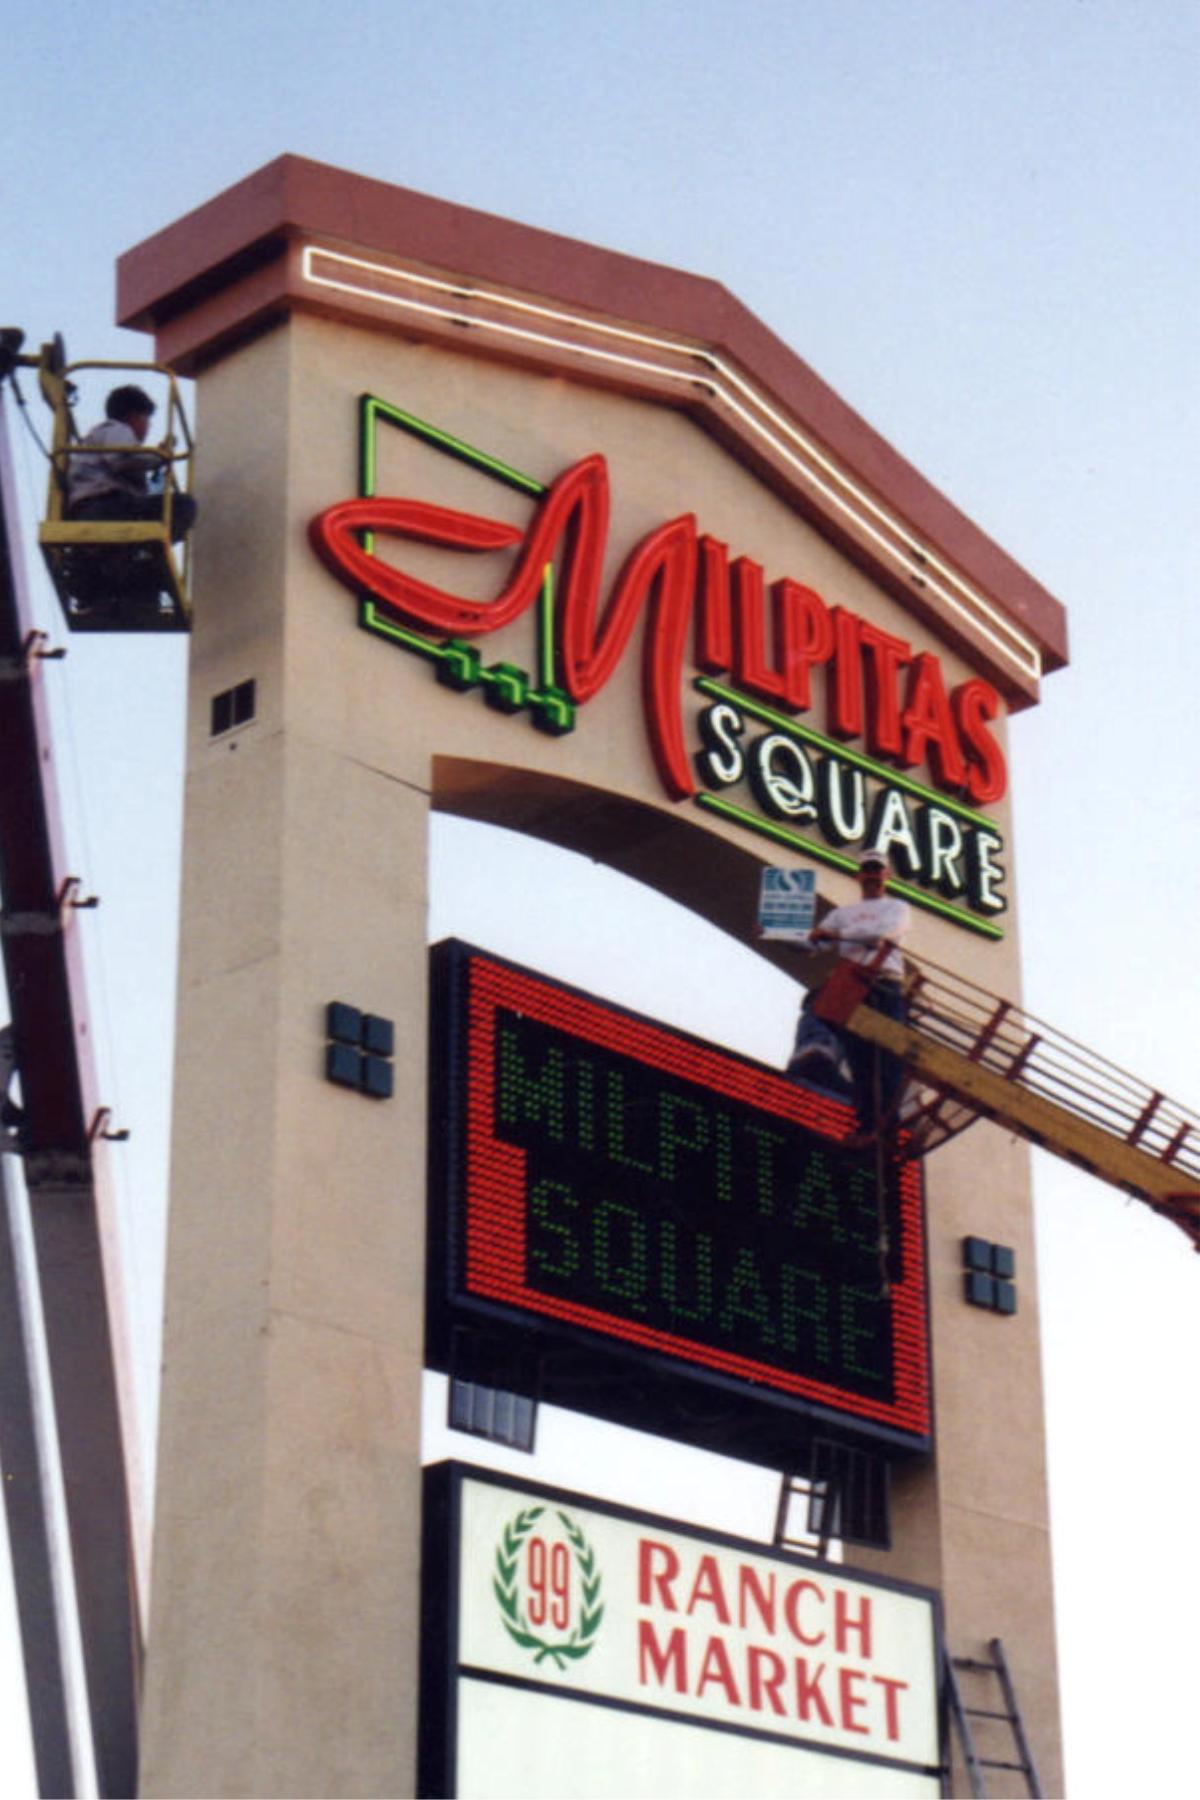 Milpitas Square